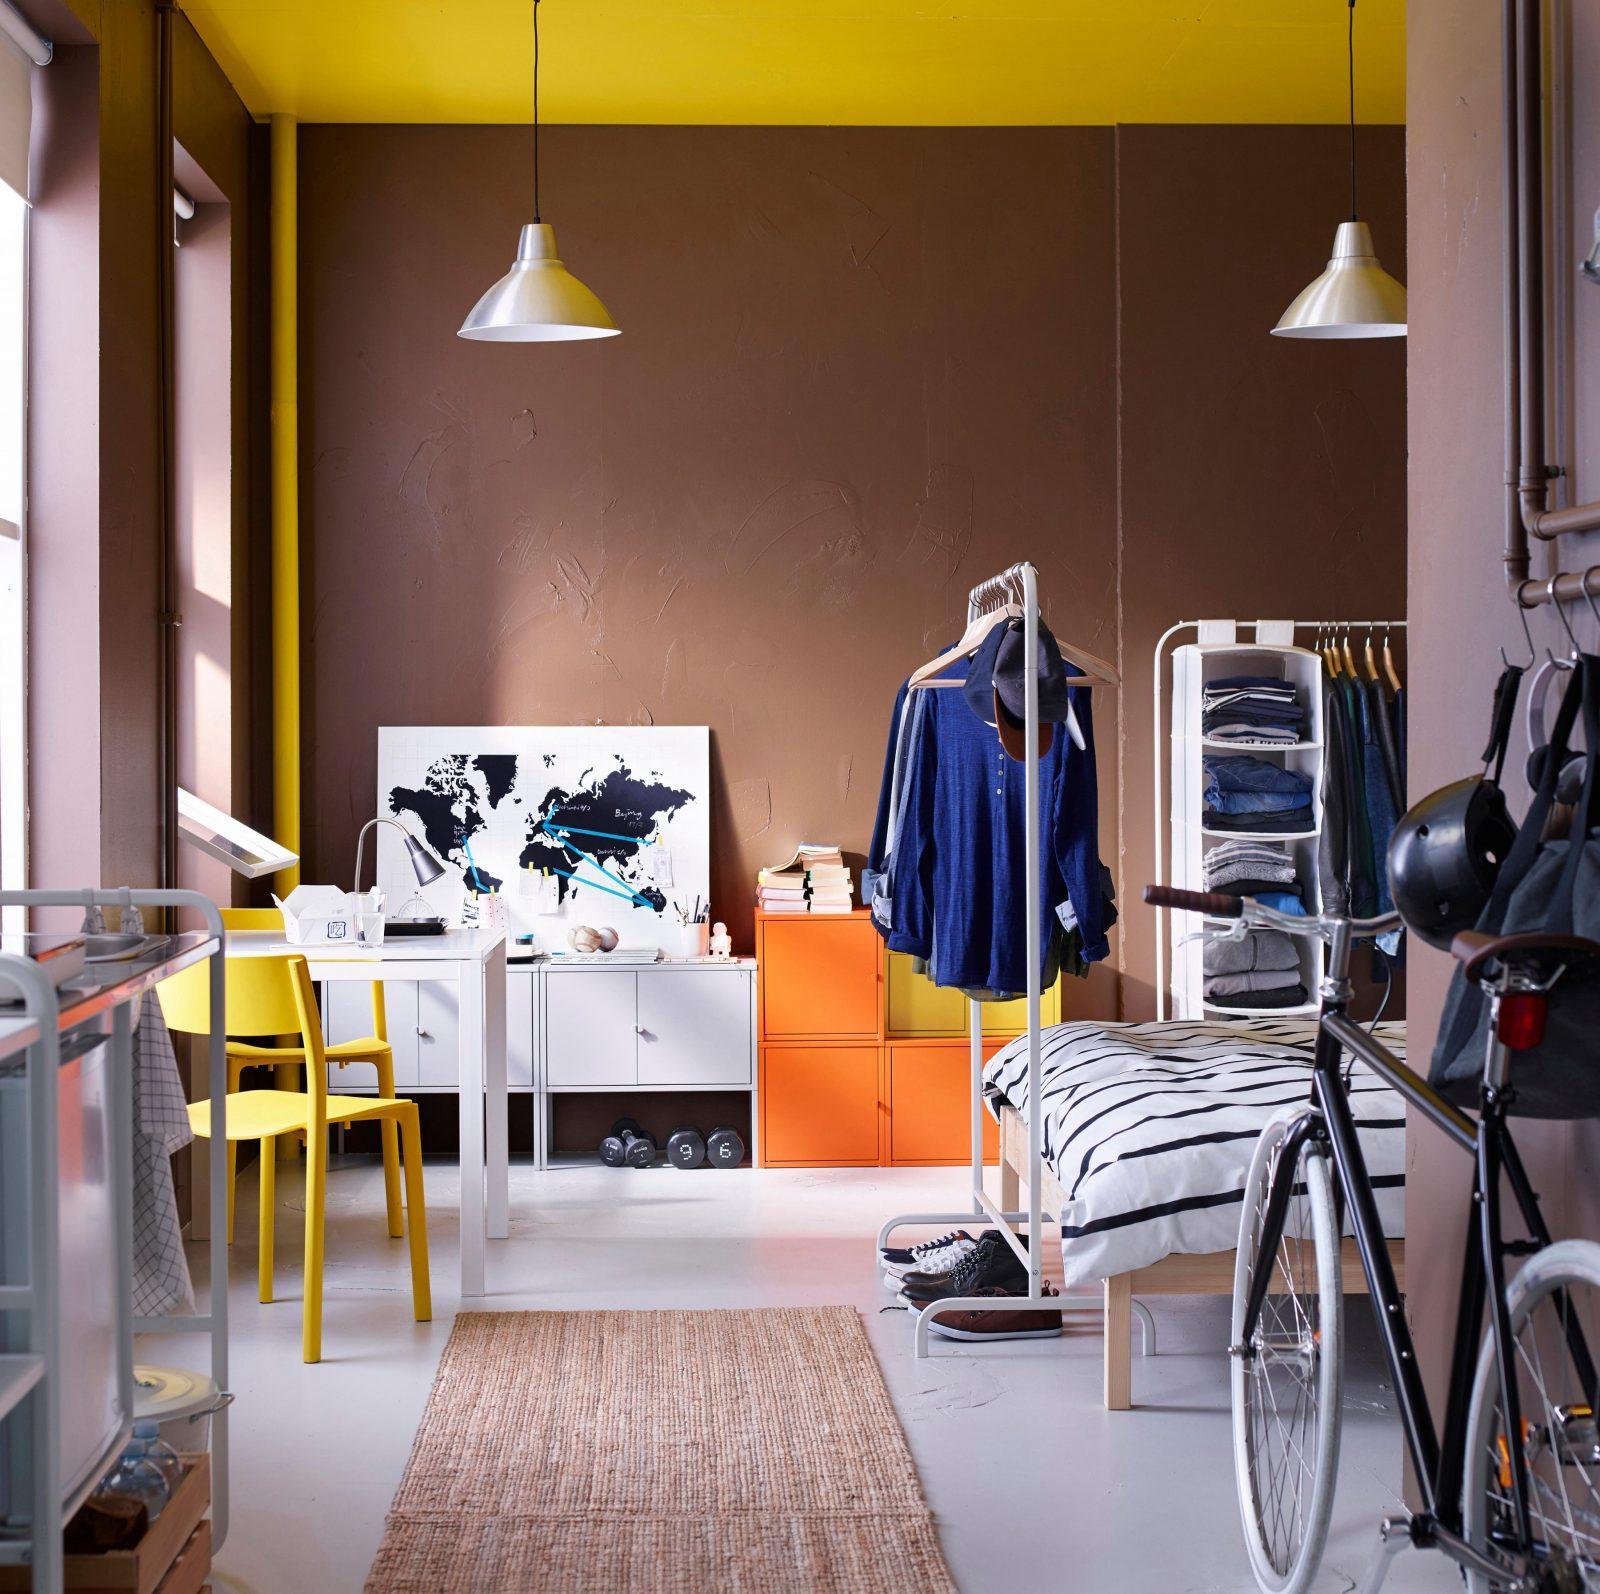 Die Besten Ikeatipps Für Kleine Wohnungen Aus Dem Neuen Katalog von Säule Im Wohnzimmer Gestalten Bild